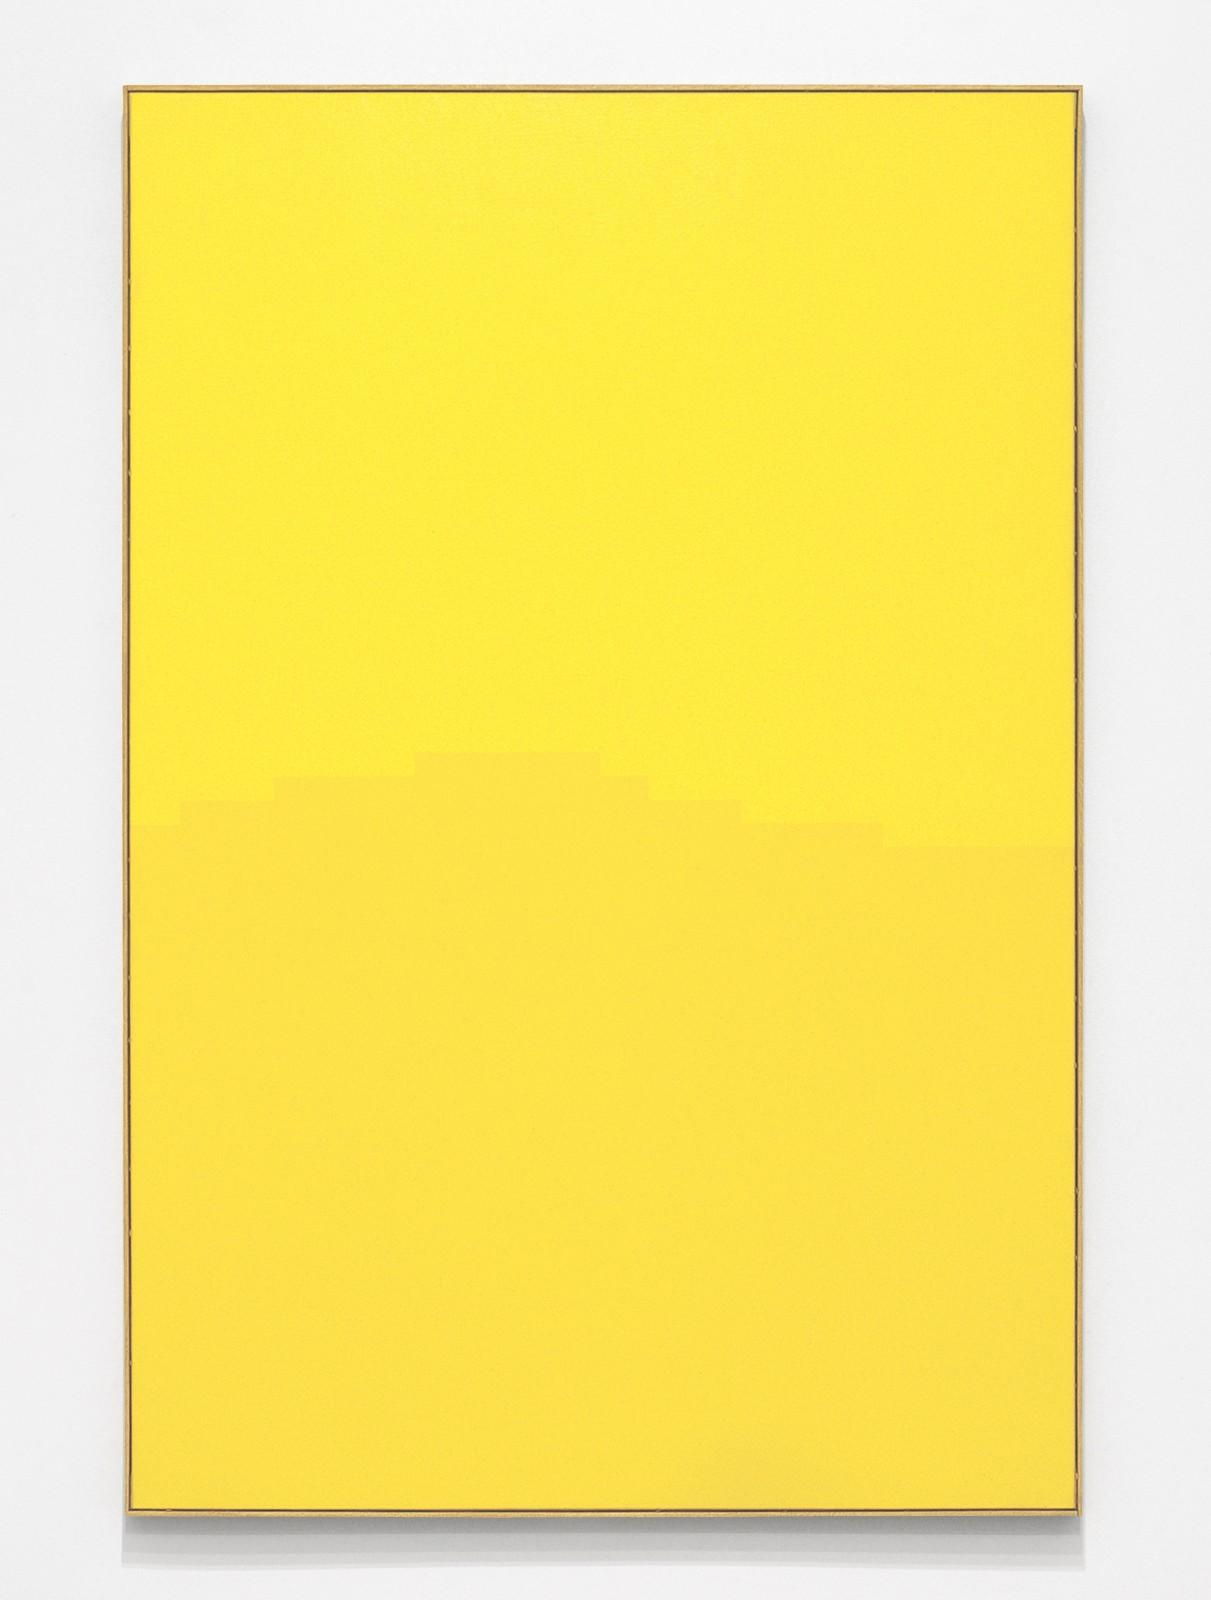 VERENA LOEWENSBERG, Untitled, 1972